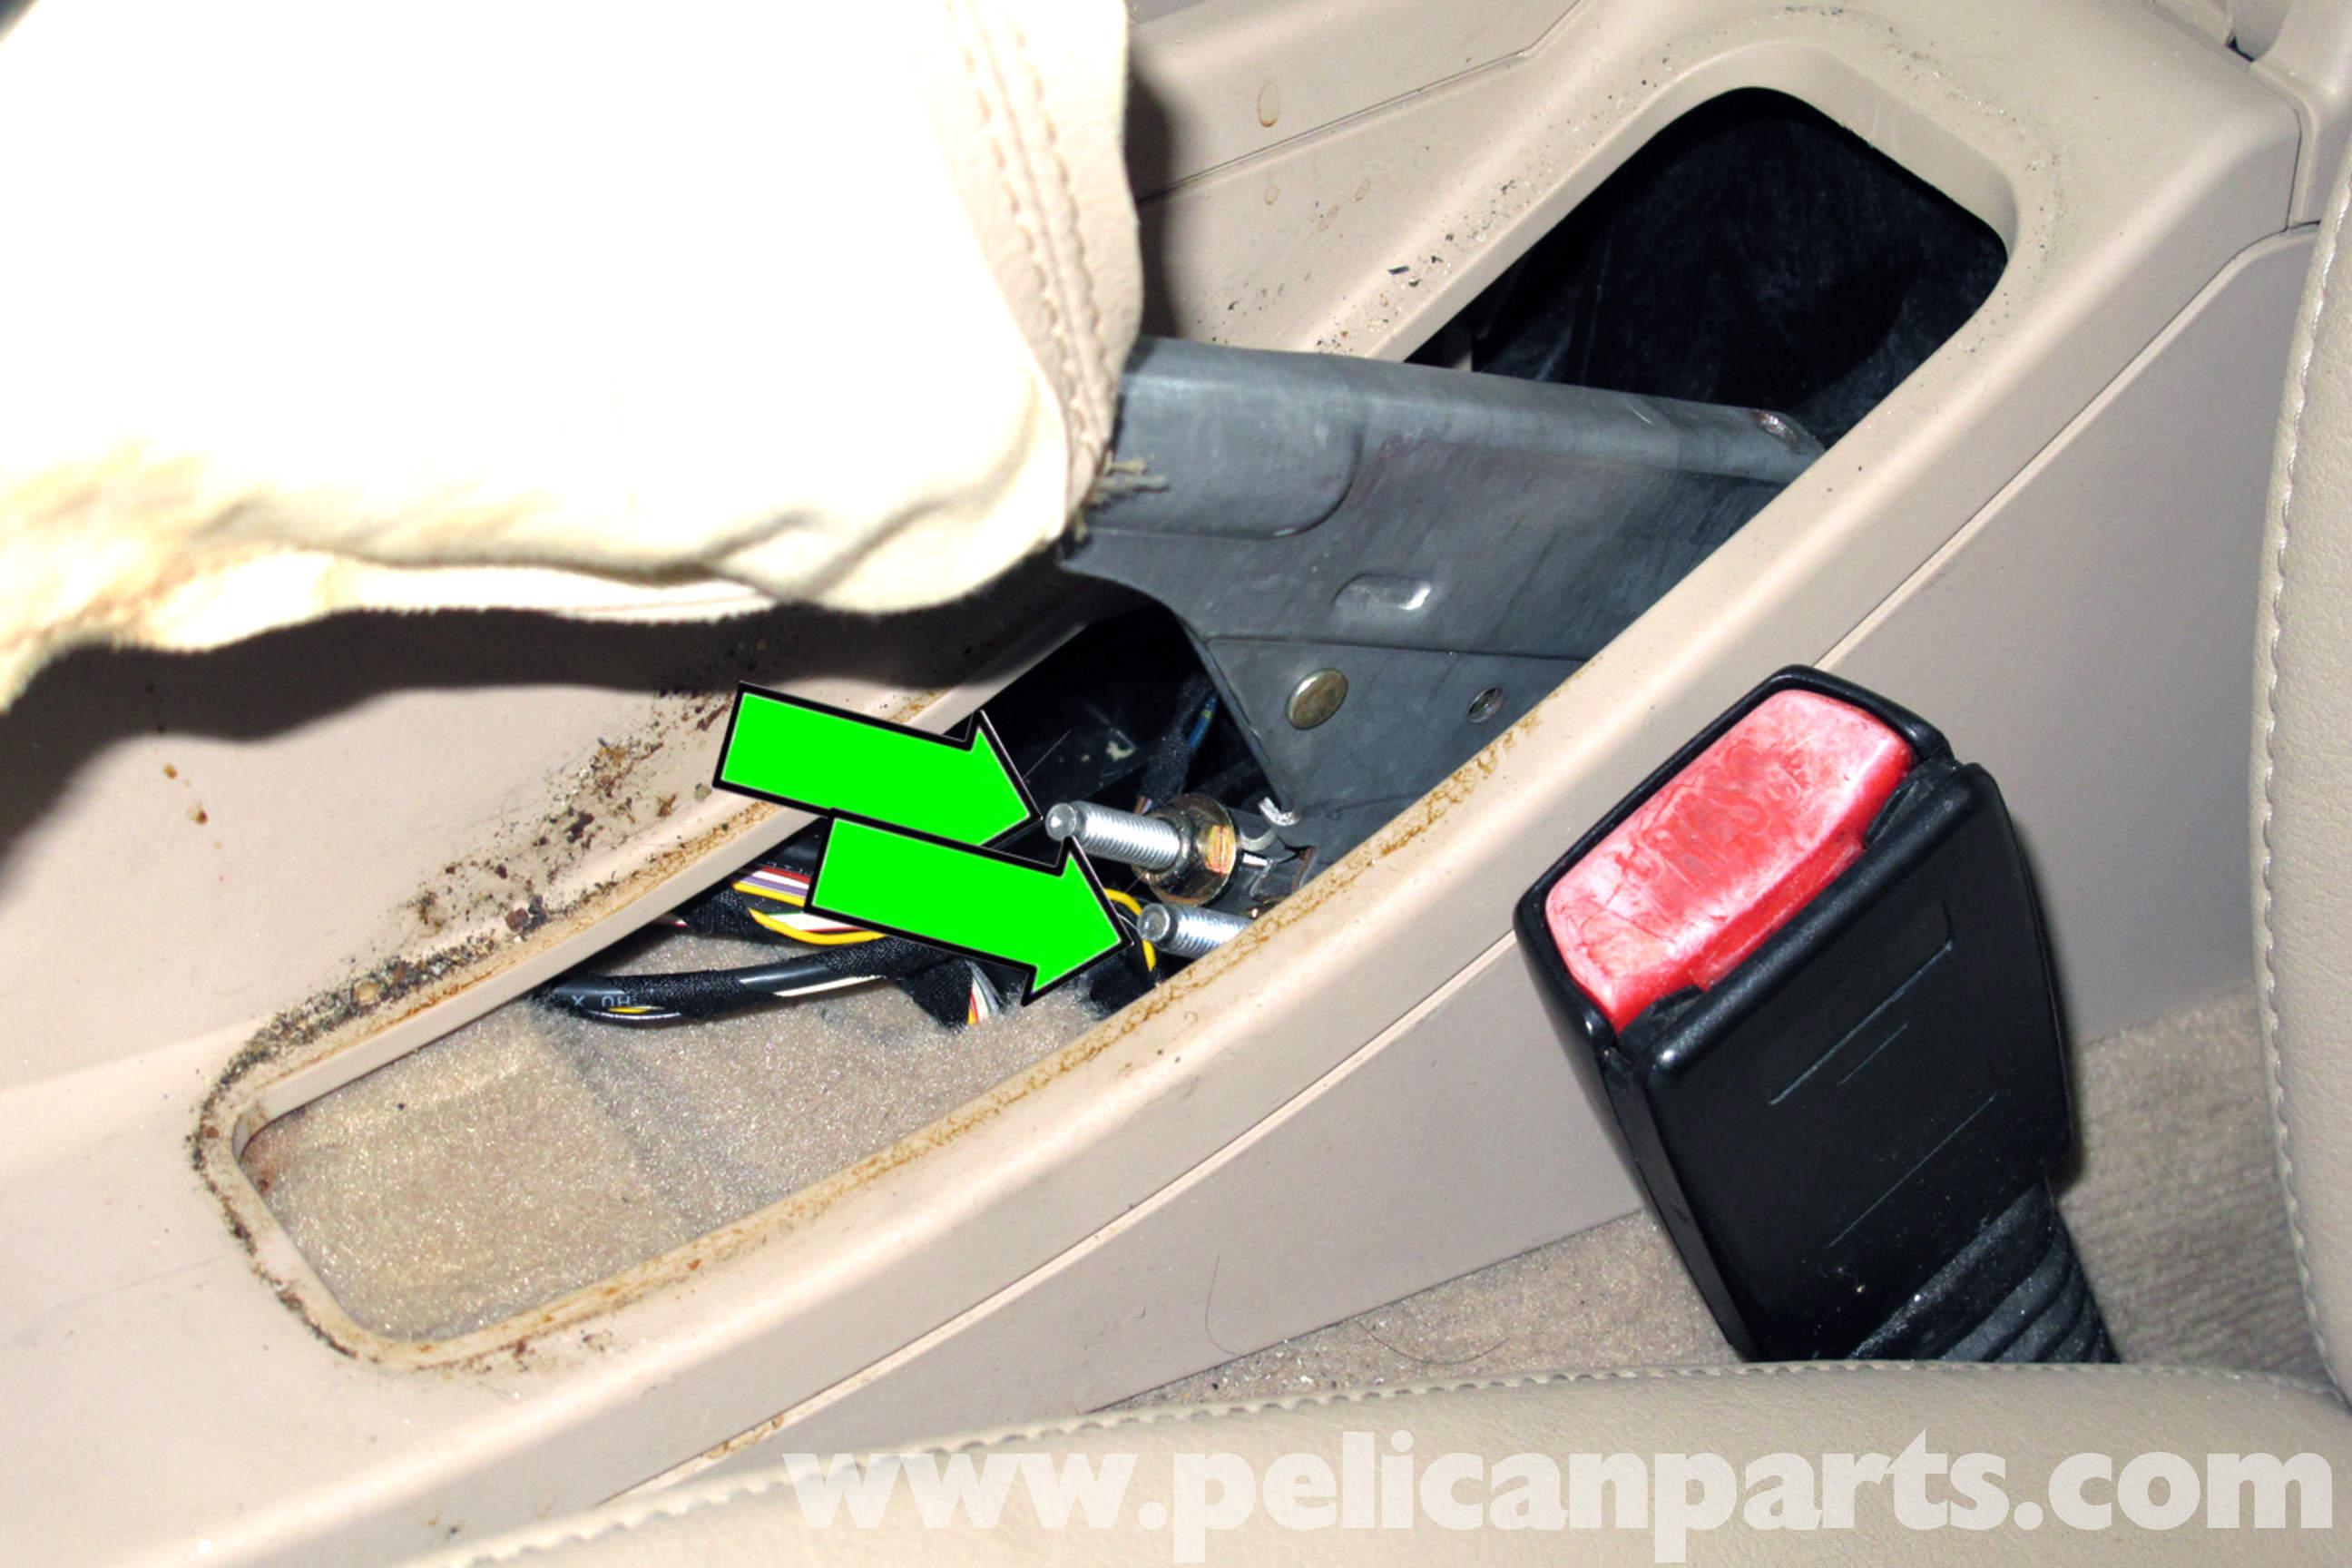 Bmw E46 Parking Brake Adjustment Bmw 325i 2001 2005 Bmw 325xi 2001 2005 Bmw 325ci 2001